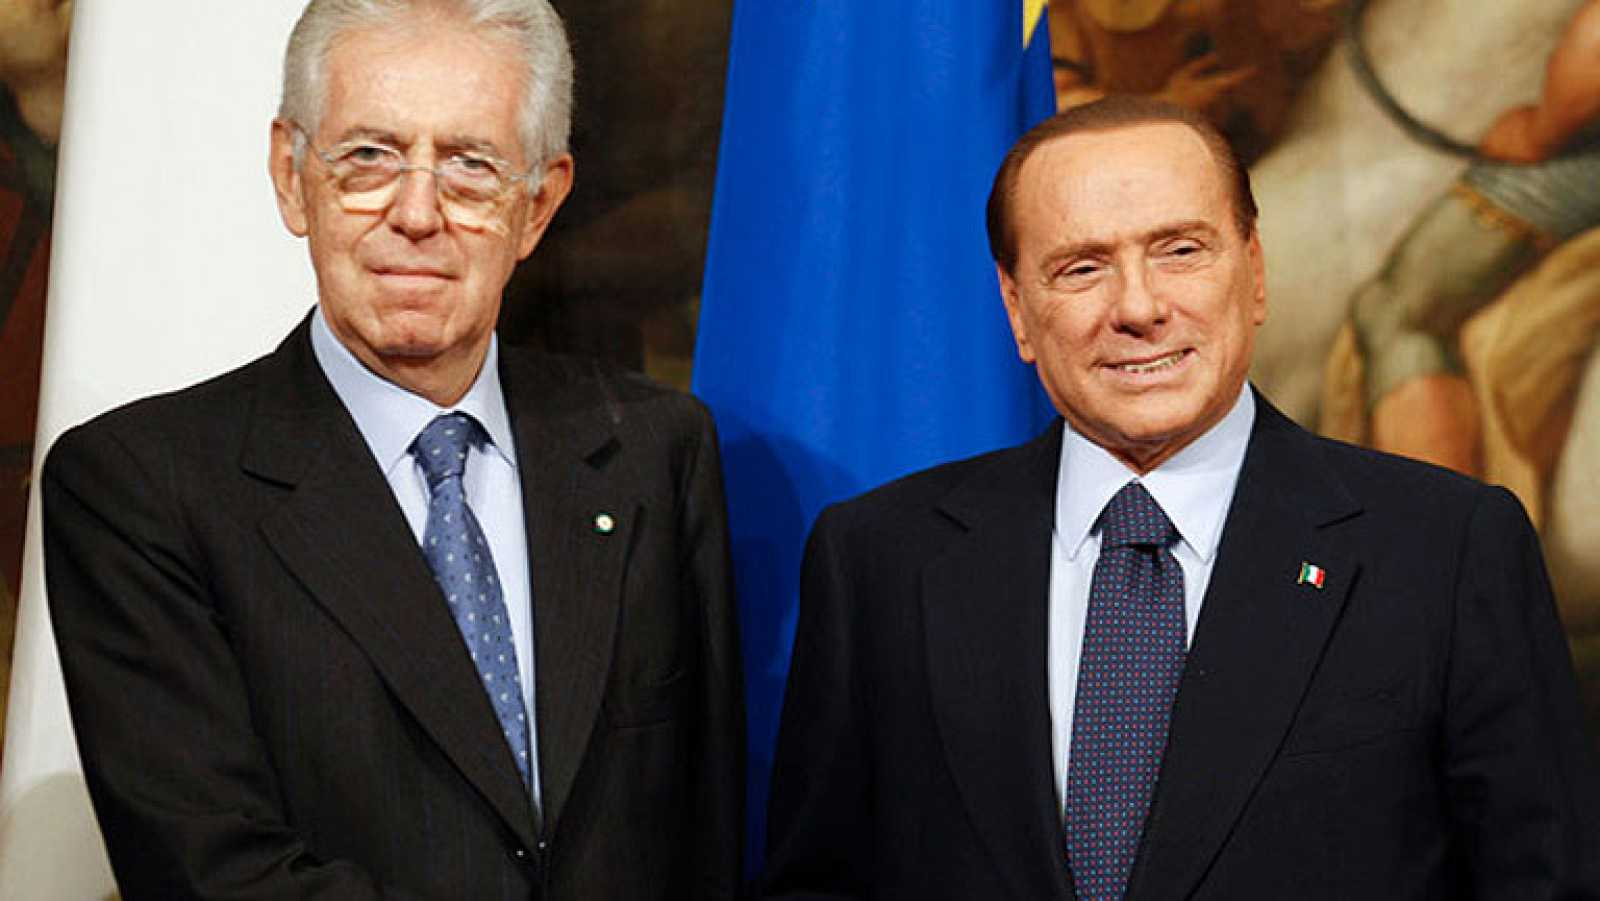 El nuevo Gobierno llamado a salvar a Italia es un grupo de tecnócratas